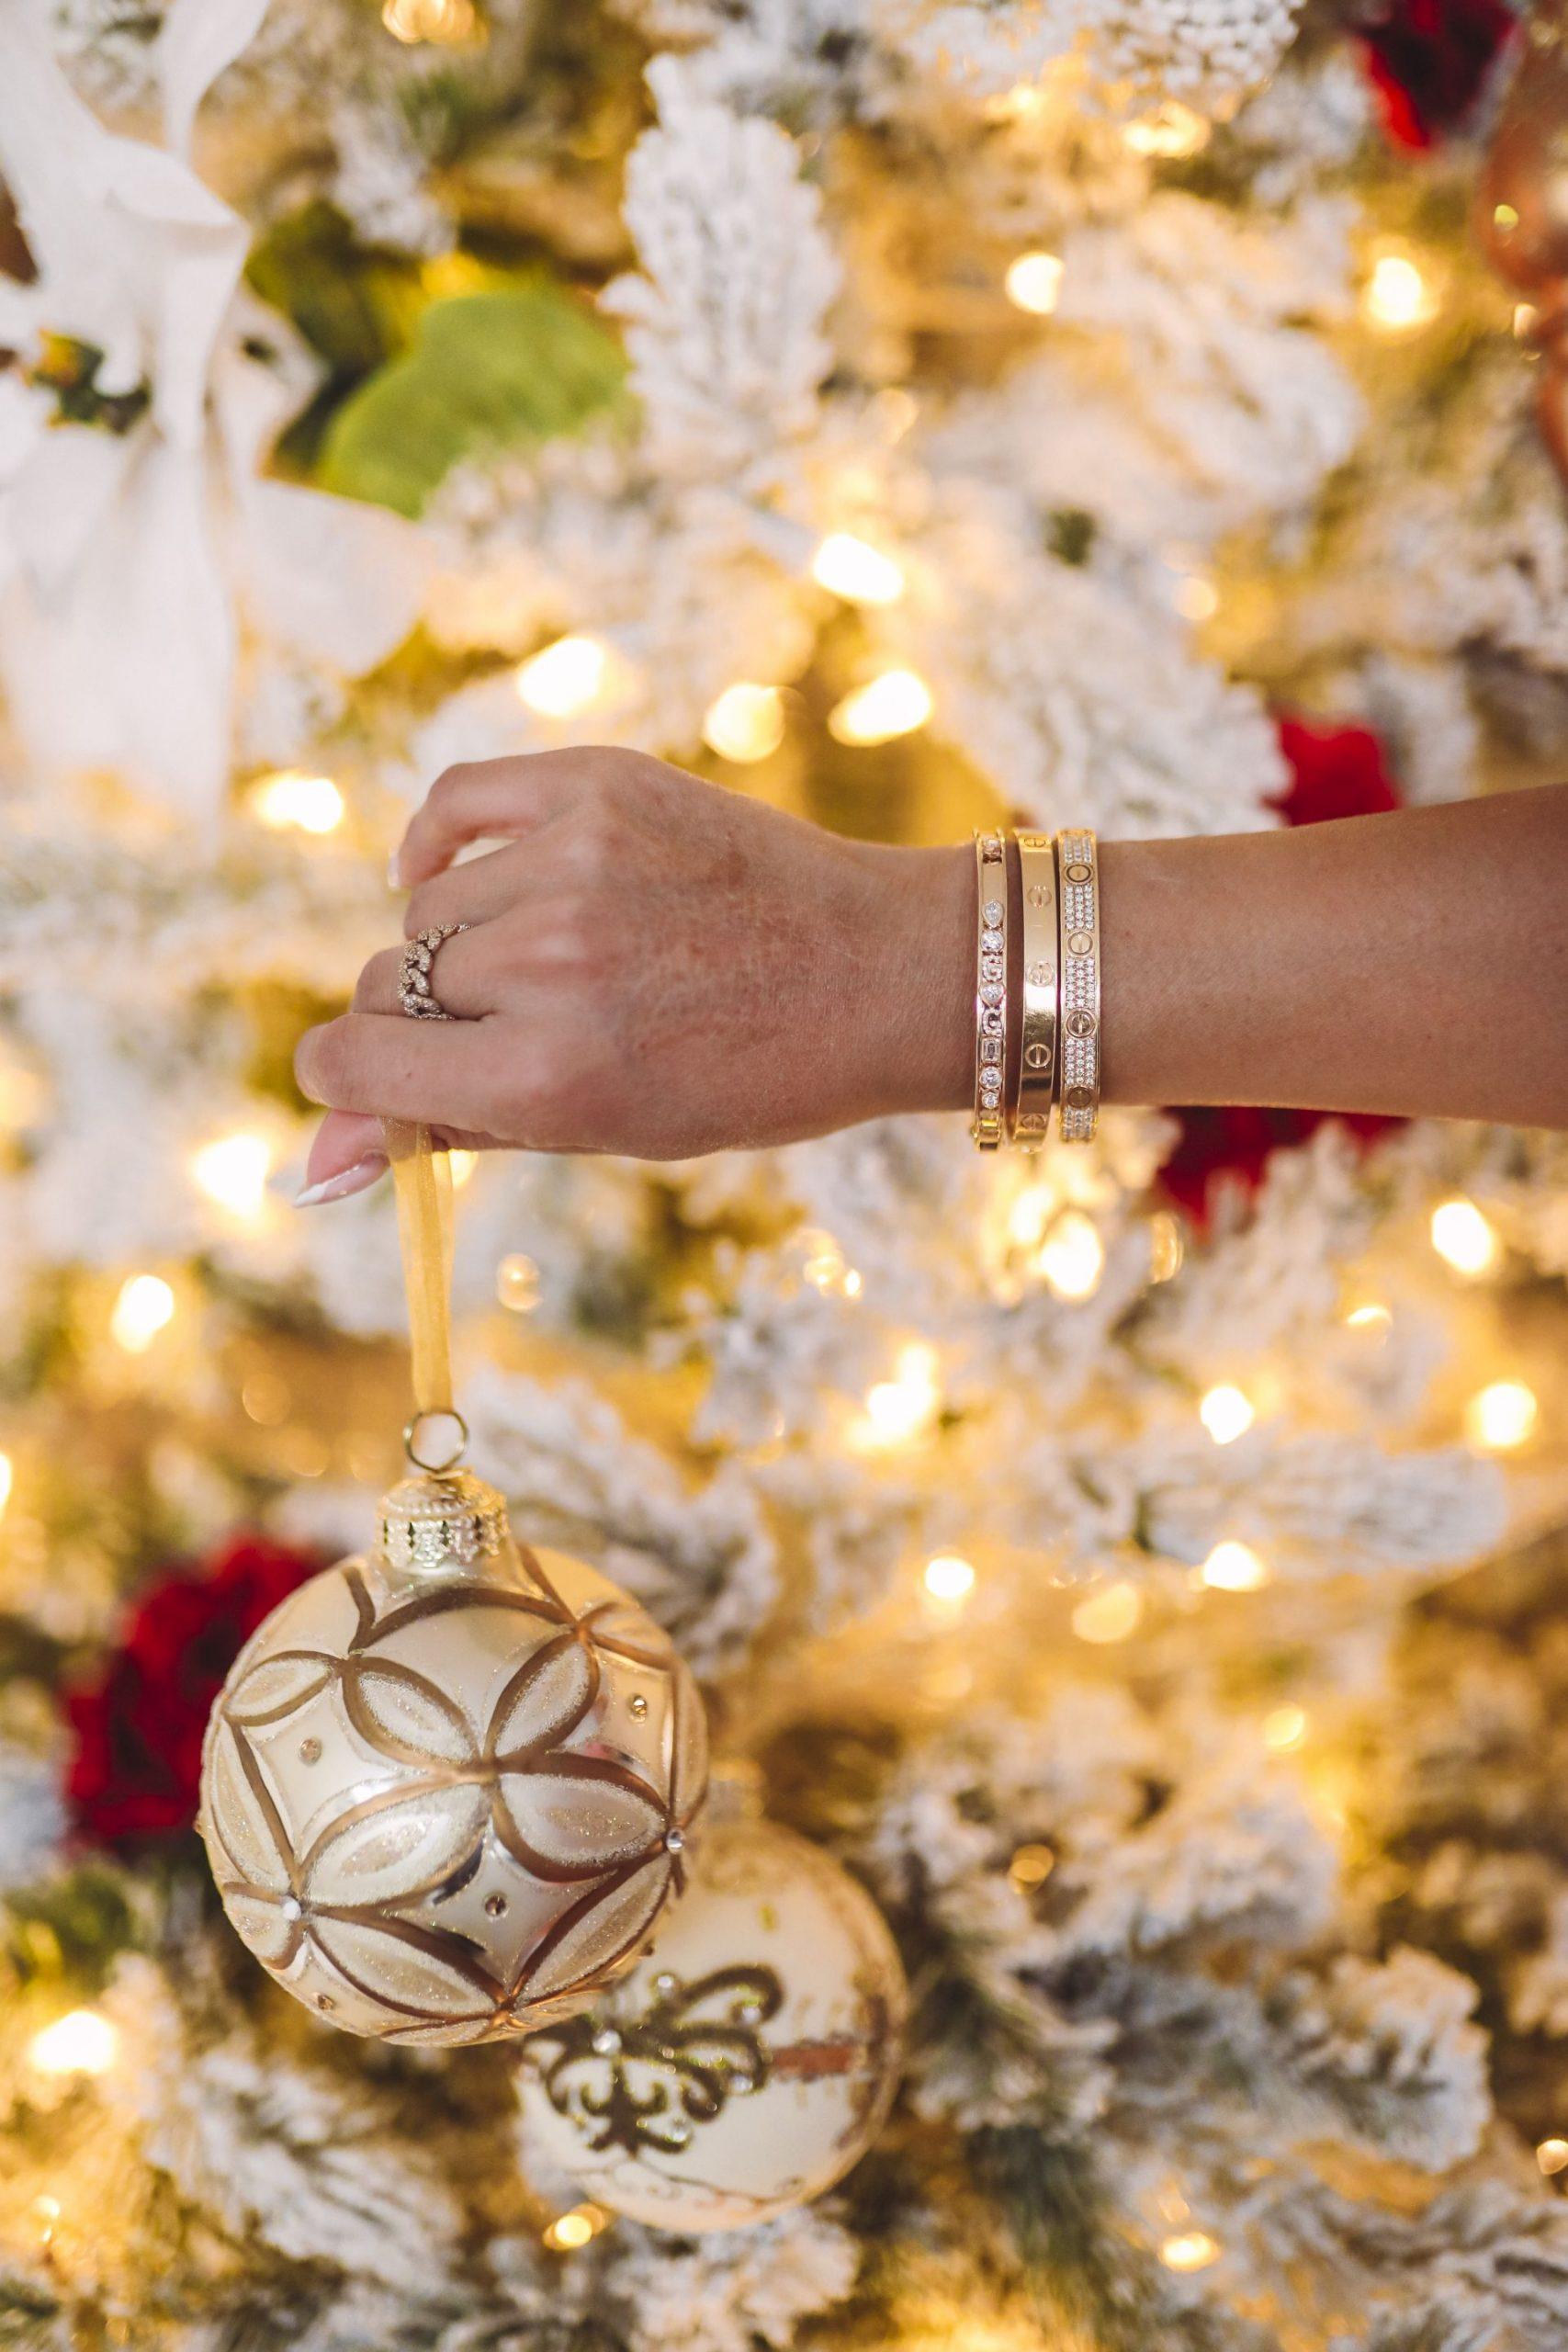 Stephanie Gottlieb, slider bracelet, gift ideas for her, gift guide for her, charm bracelet, charm bracelet gift ideas, personalized bracelet gifts, meaningful bracelet gift idea, personalized jewelry gifts, best personalized jewelry, simple charm bracelet gift idea, best instagram jewelry, cartier bracelet stack, slider bracelet stack, personalized jewelry